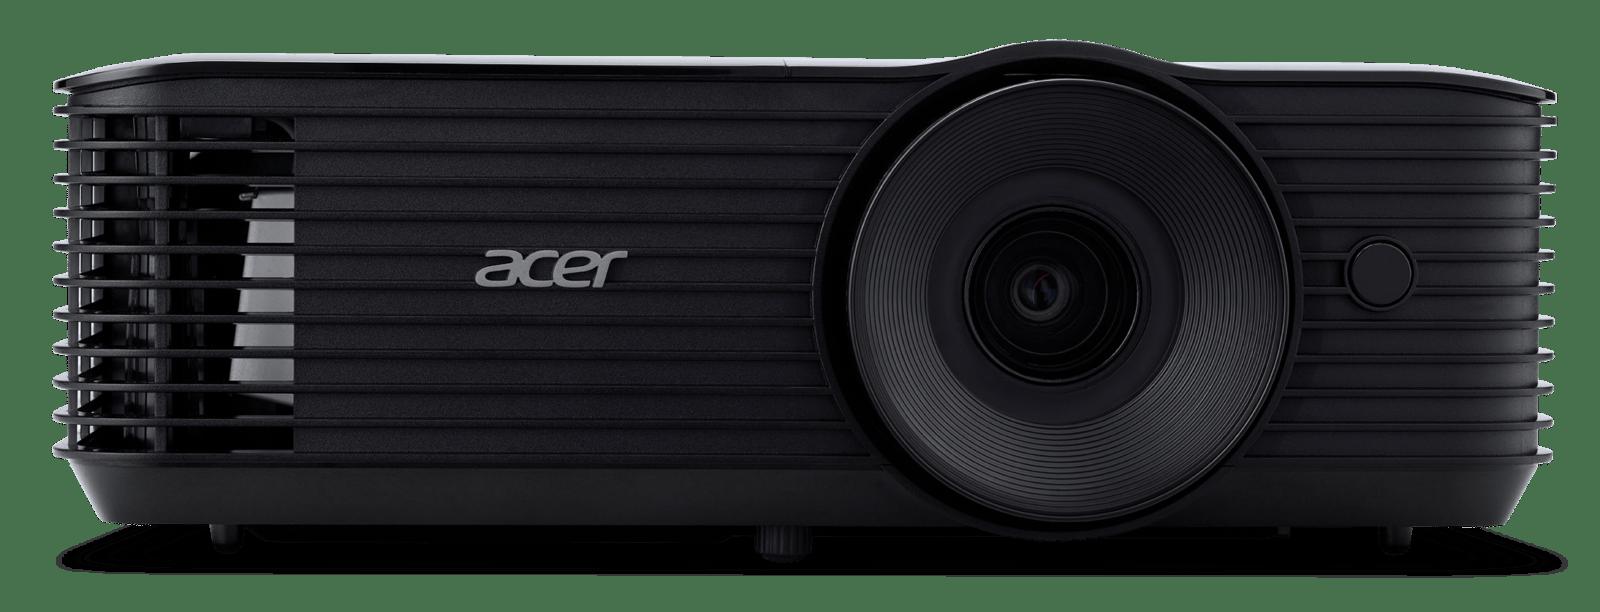 Acer представила на российском рынке новые проекторы X1 для бизнеса (X1126AH X1226AH X1326AWH X1128H X1228H X1328WH 1)